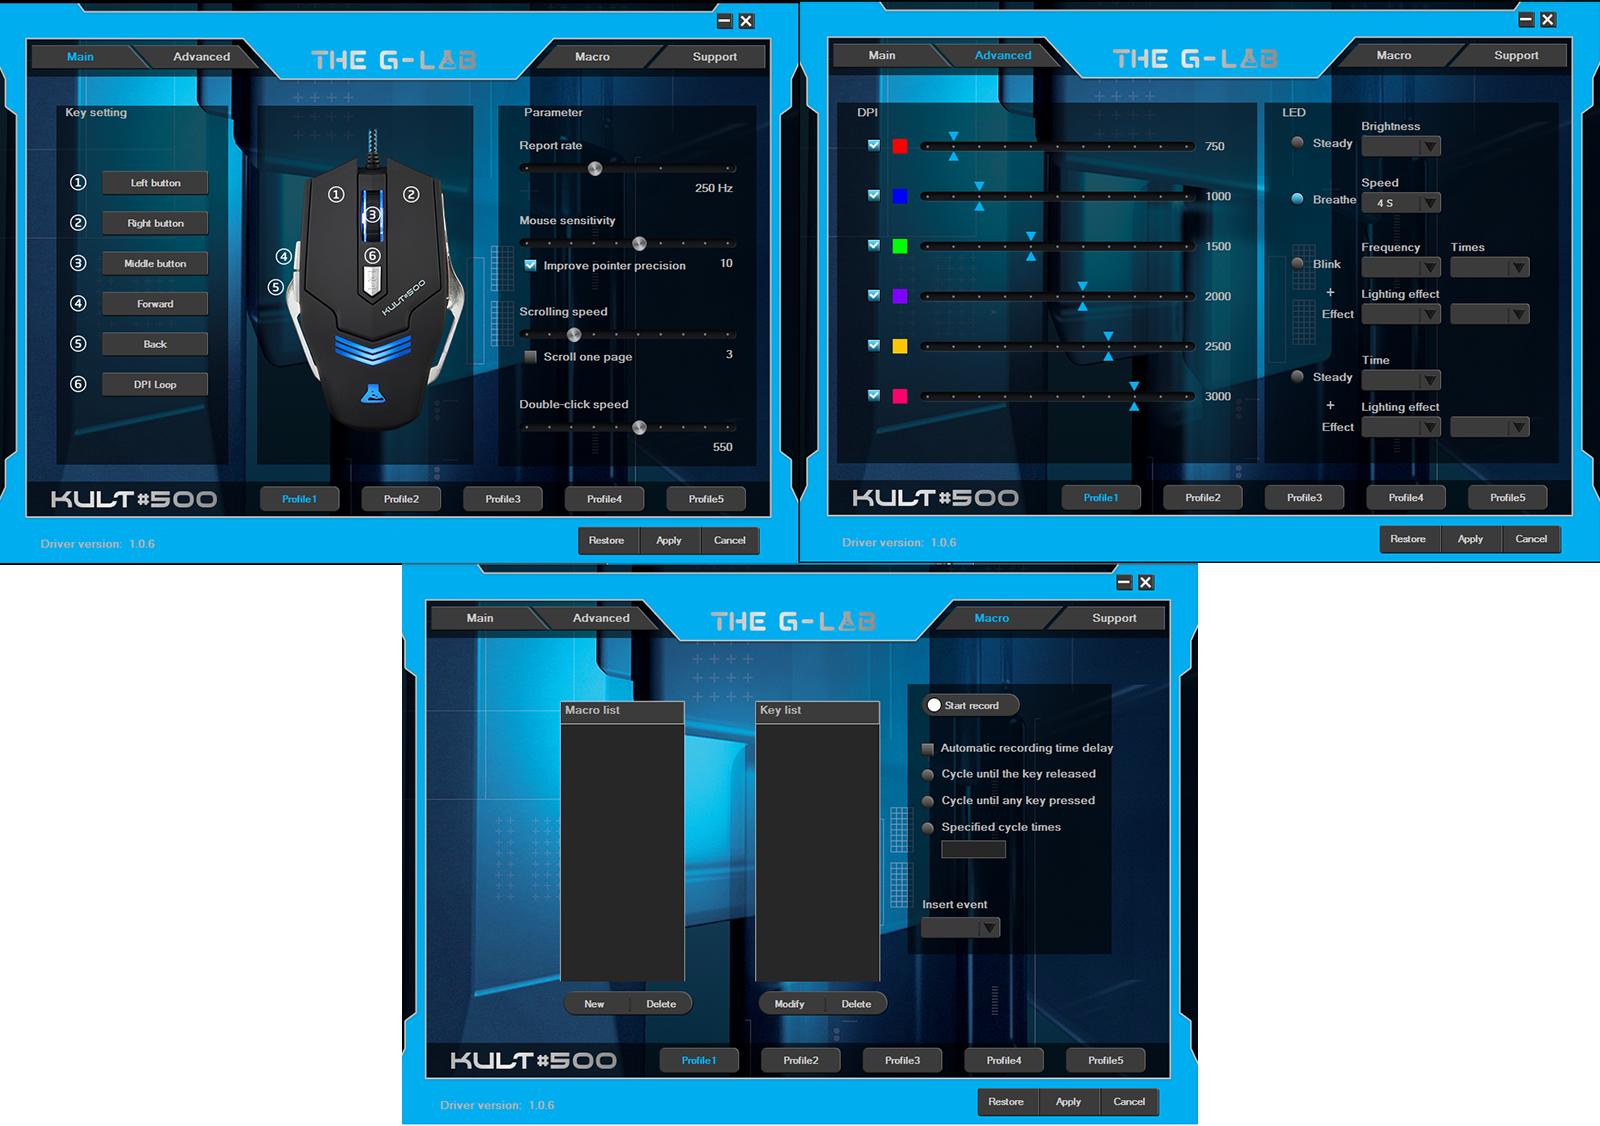 The G-lab KULT 500 - Le bon compromis qualité-prix logiciel kult gaming mouse réglages